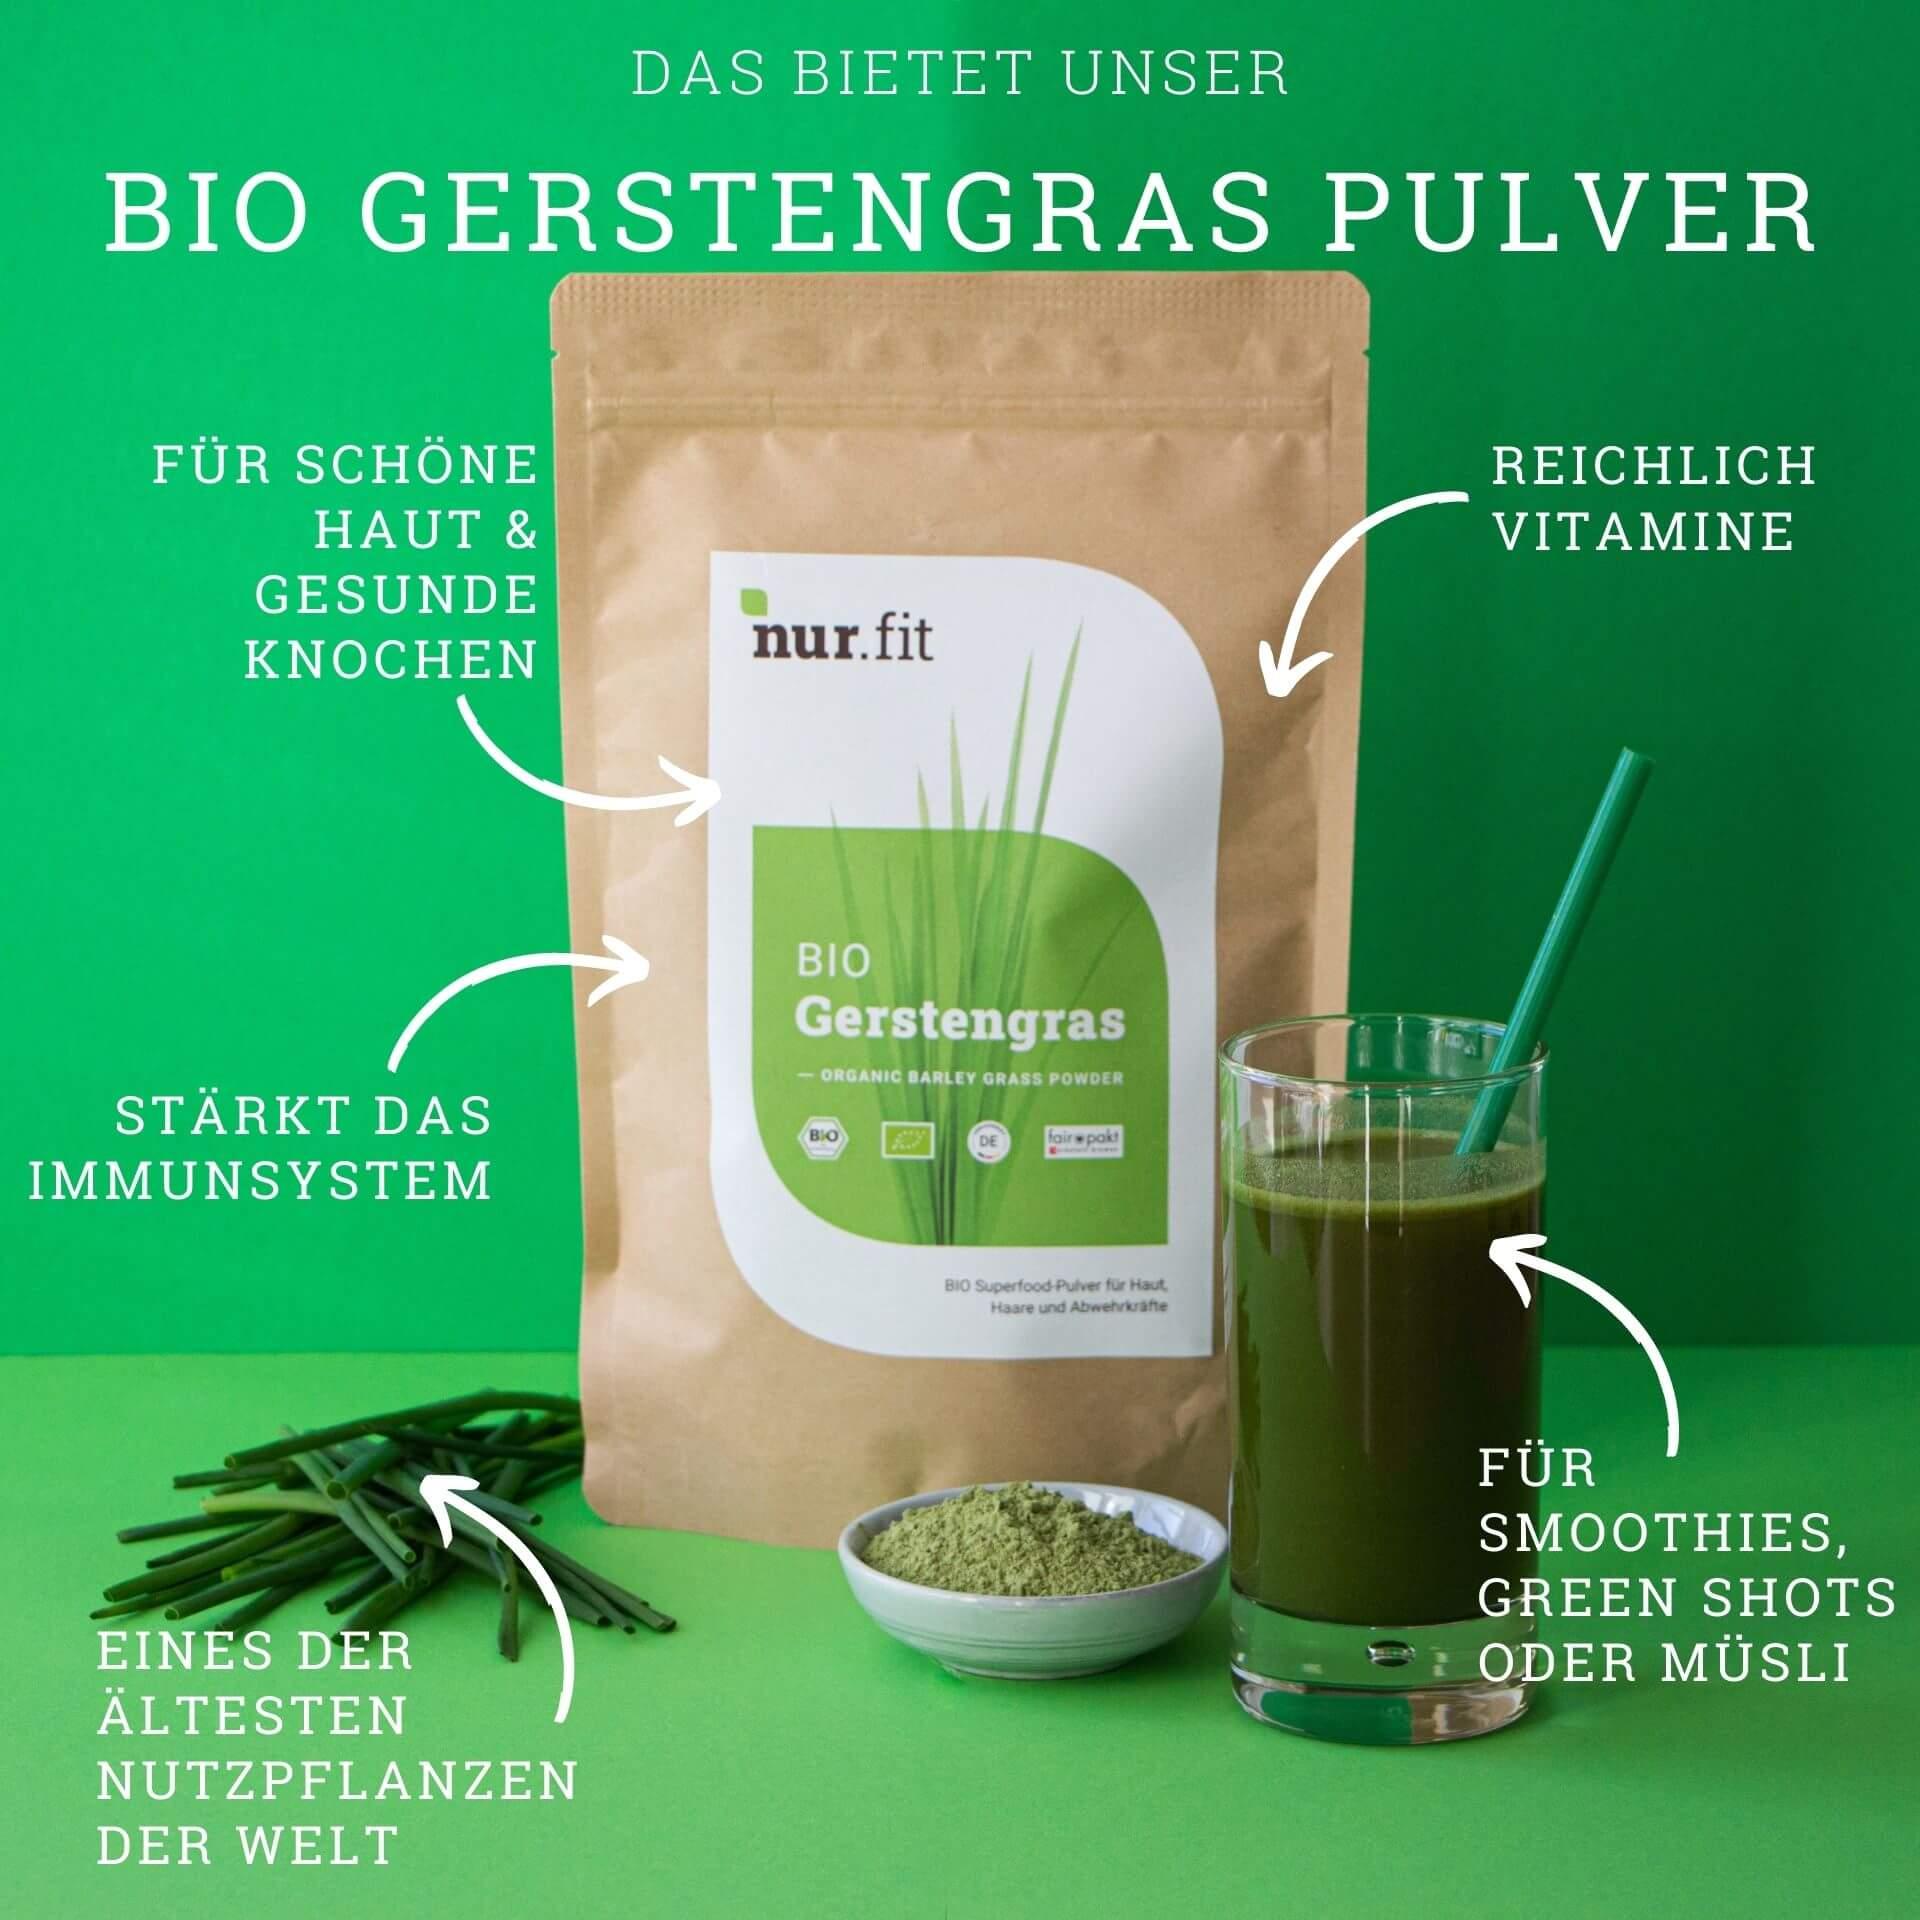 BIO Gerstengras Pulver aus Deutschland